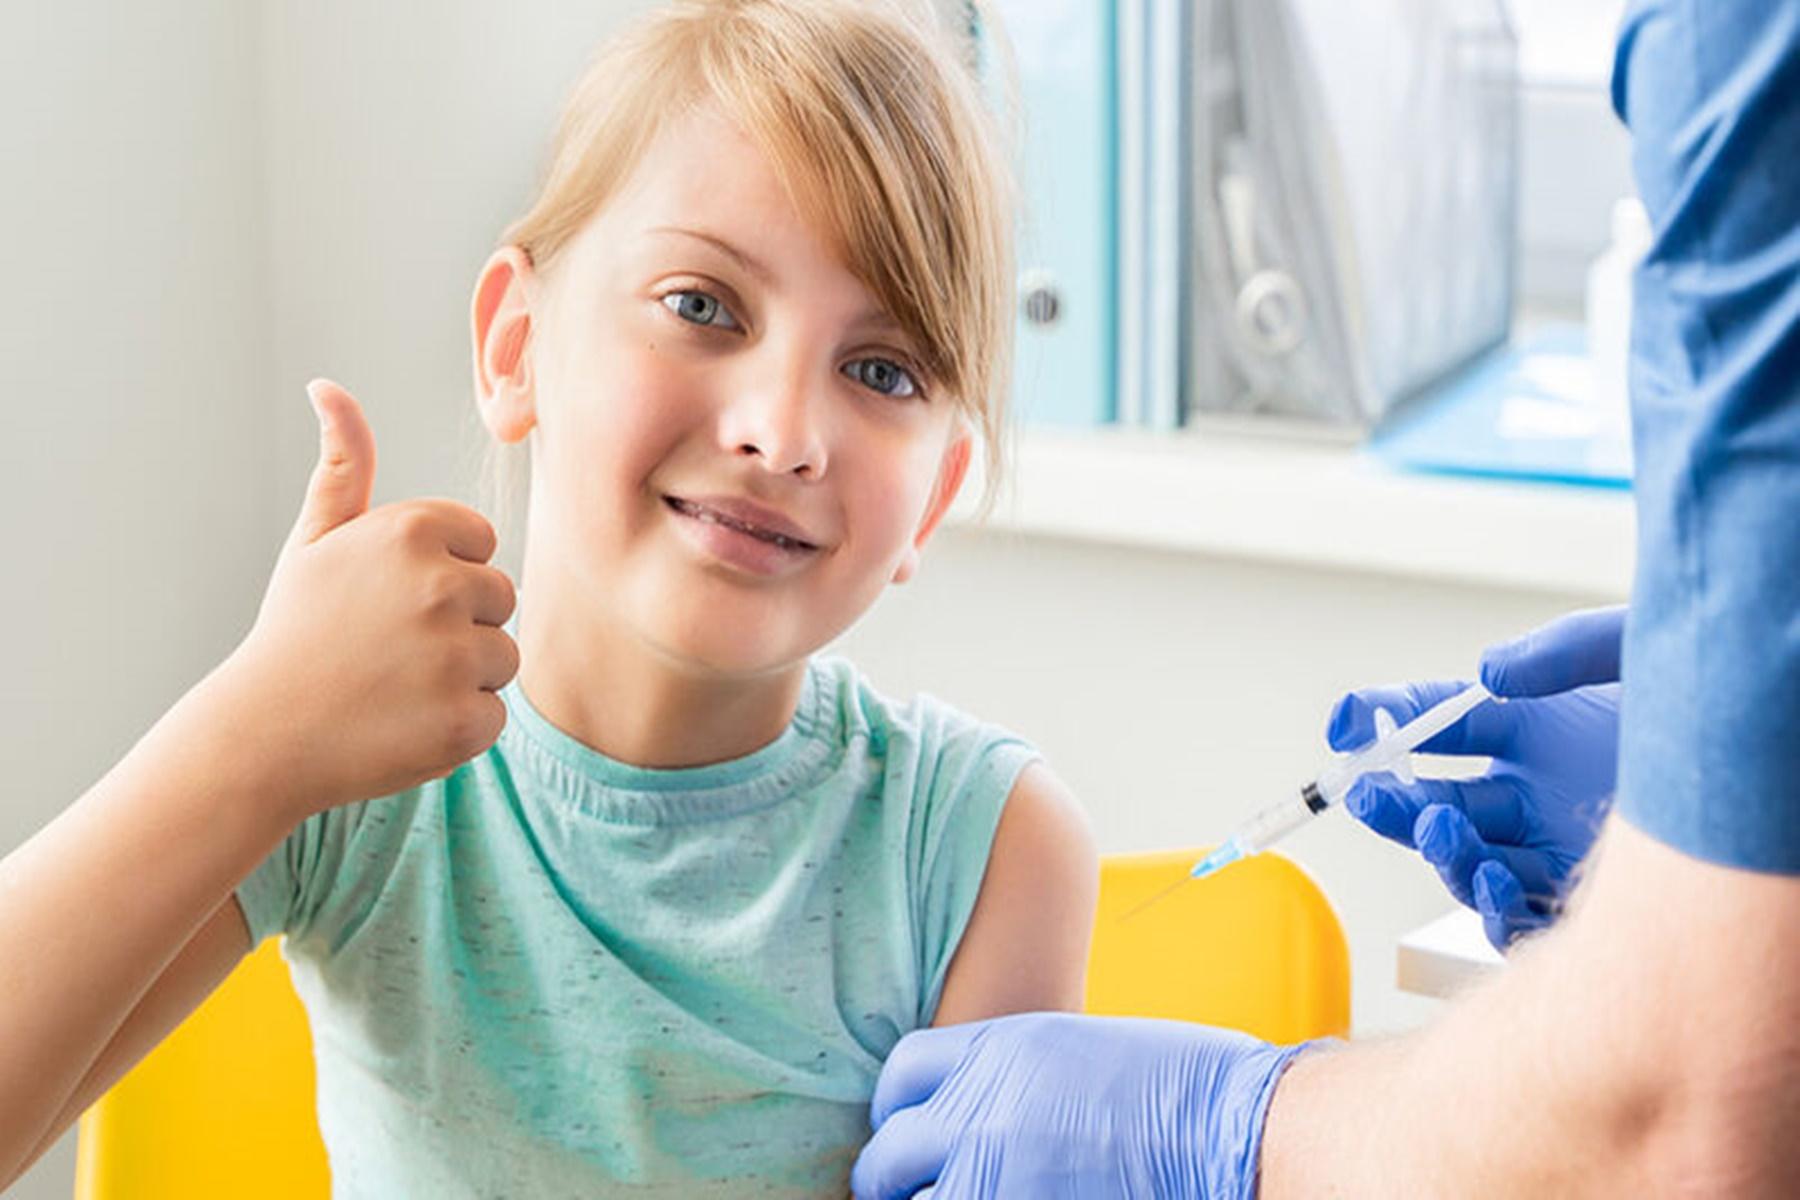 Εμβόλιο παιδιά : Οι δηλώσεις του Μπάιντεν για το πότε θα ξεκινήσουν στην Αμερική